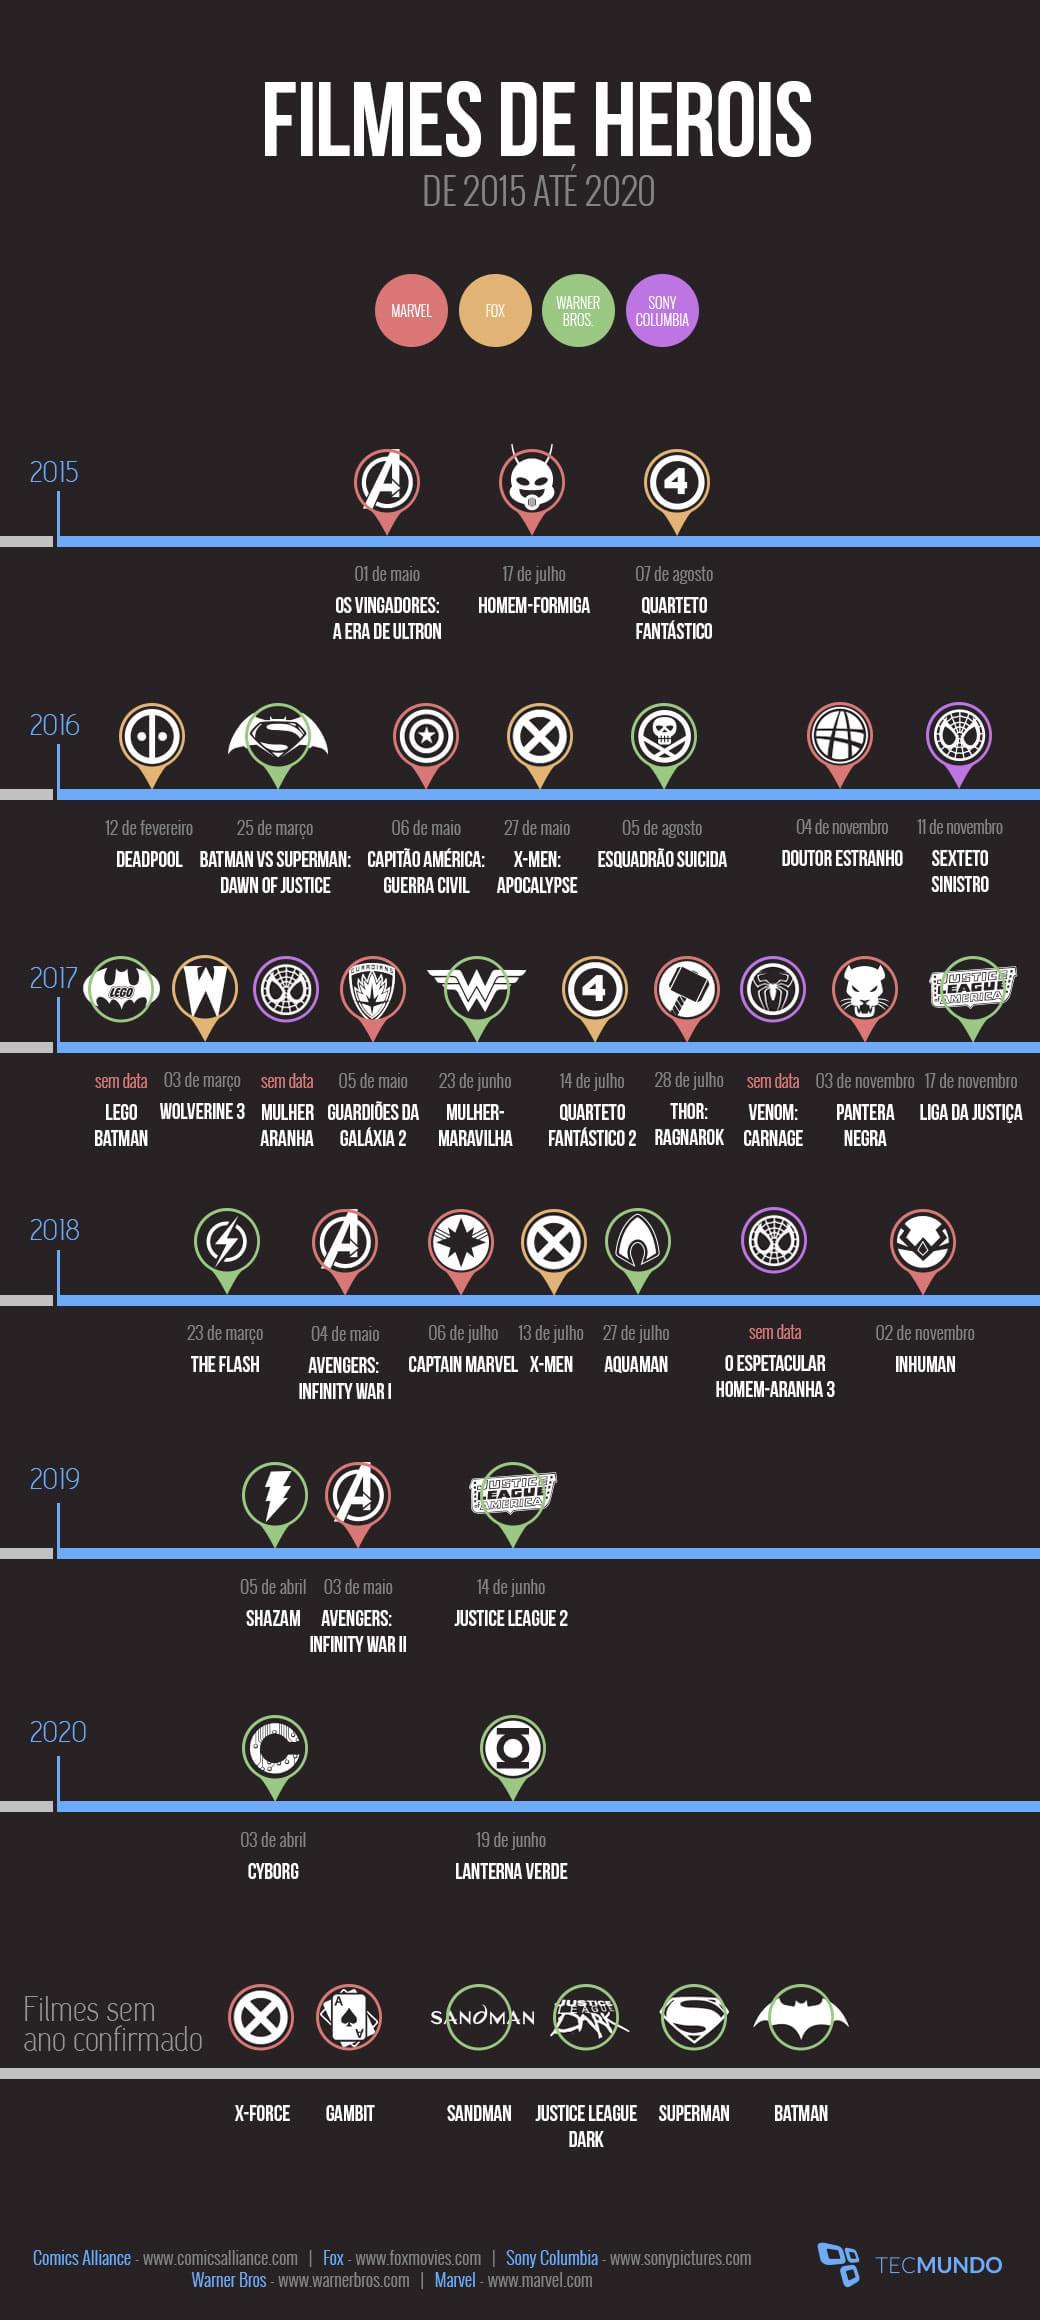 Todos os filmes de super-heróis que estreiam nos cinemas até 2020